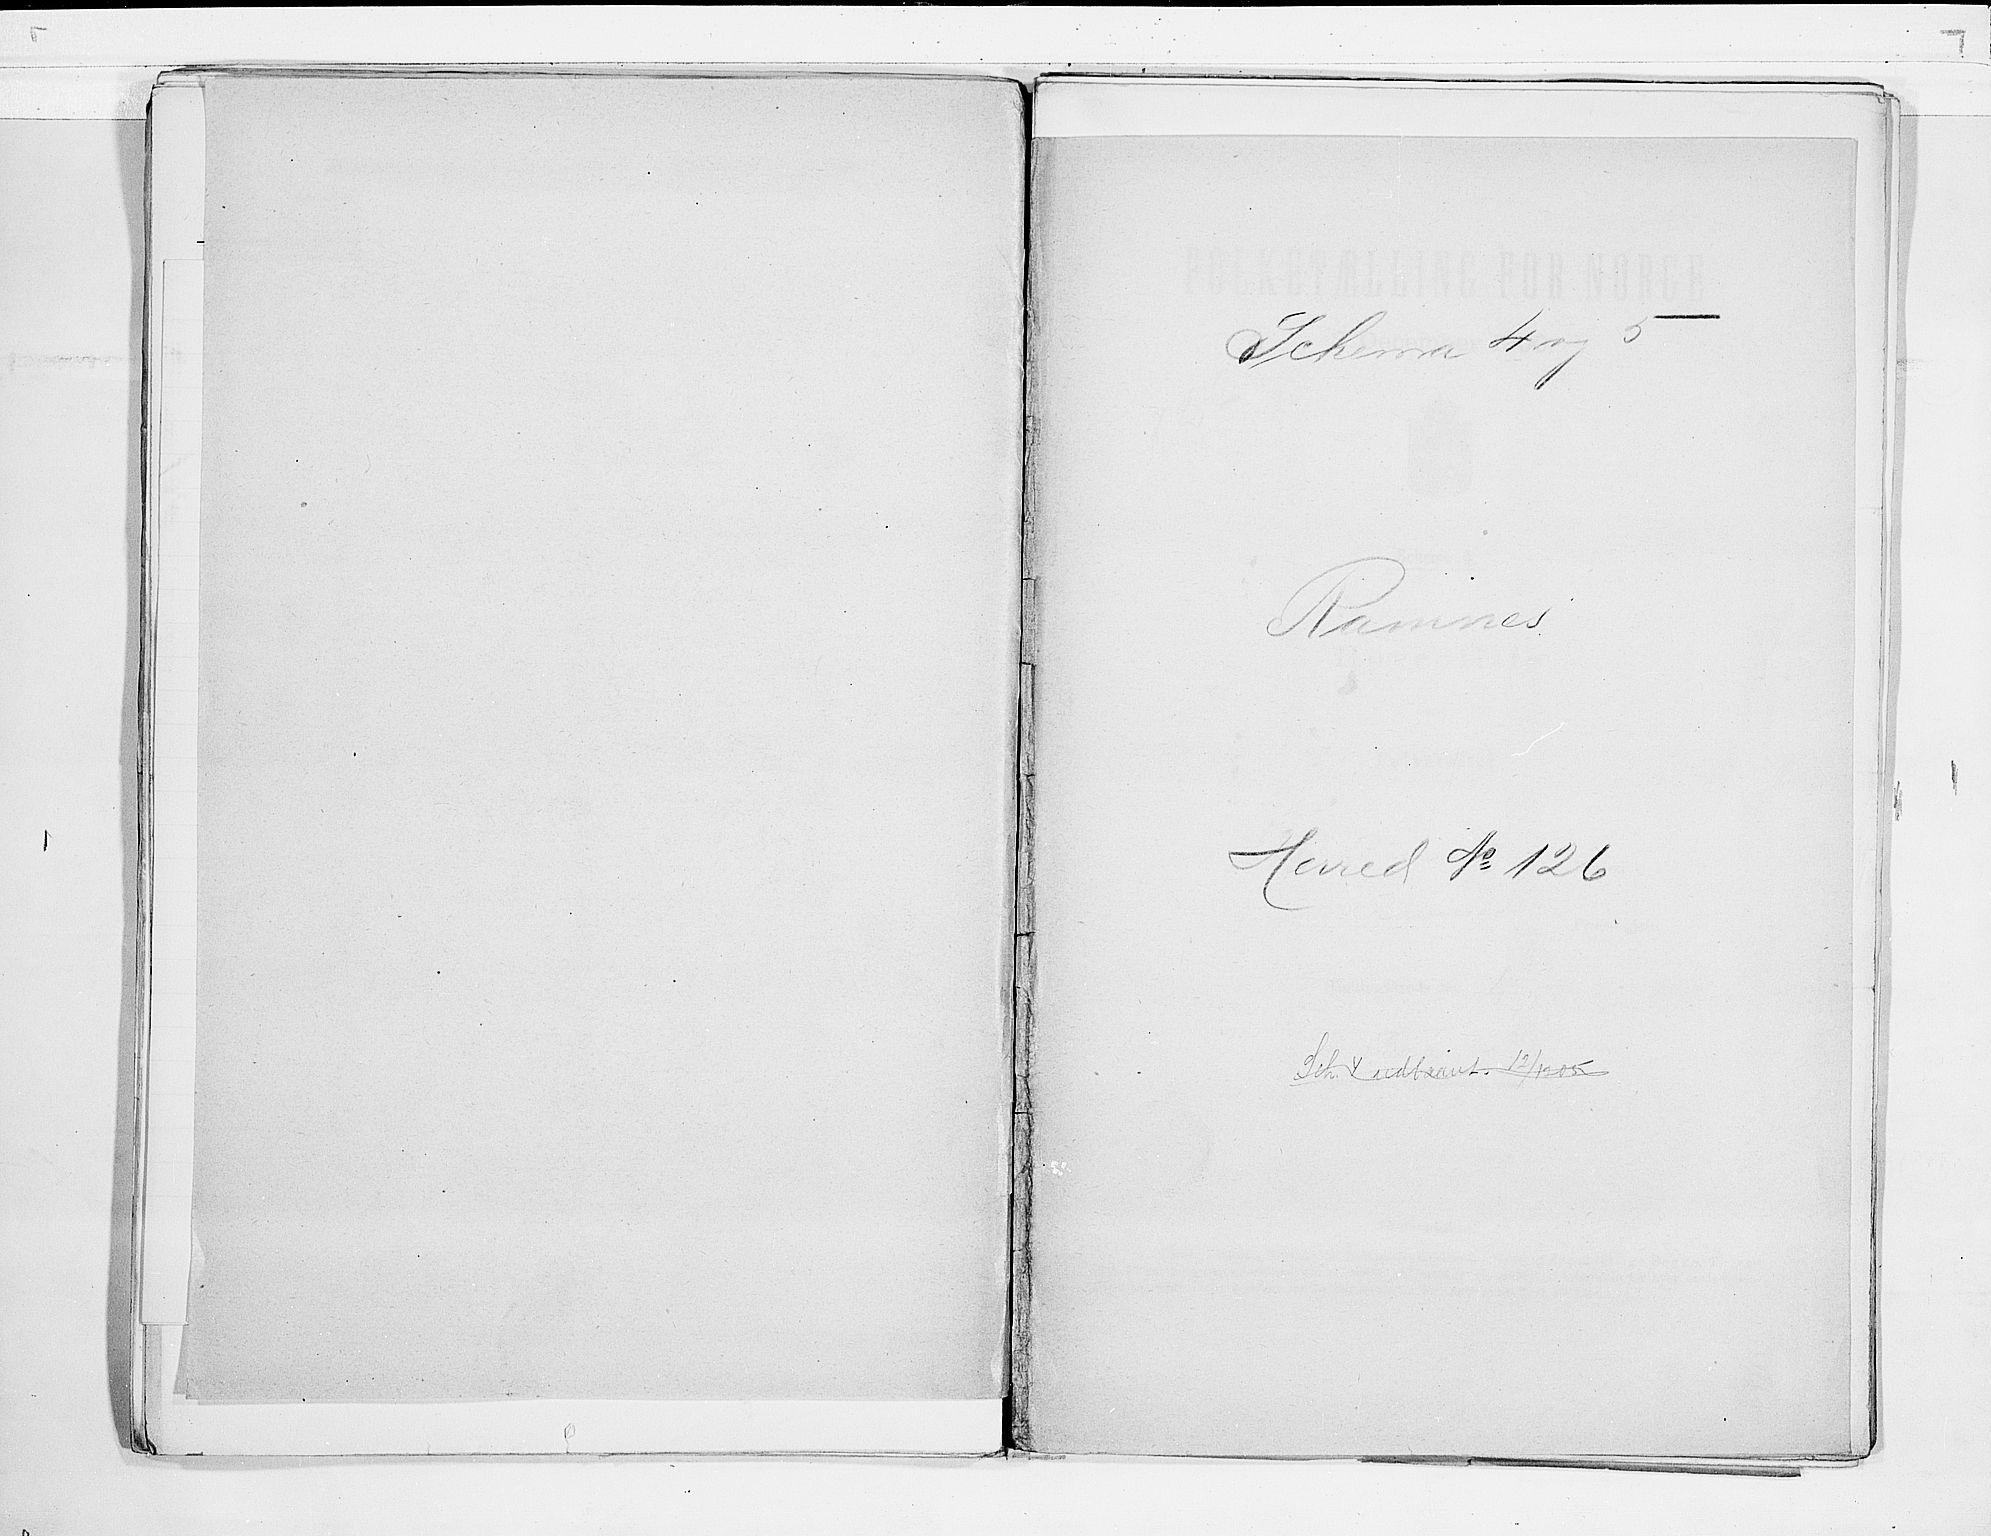 RA, Folketelling 1900 for 0718 Ramnes herred, 1900, s. 1